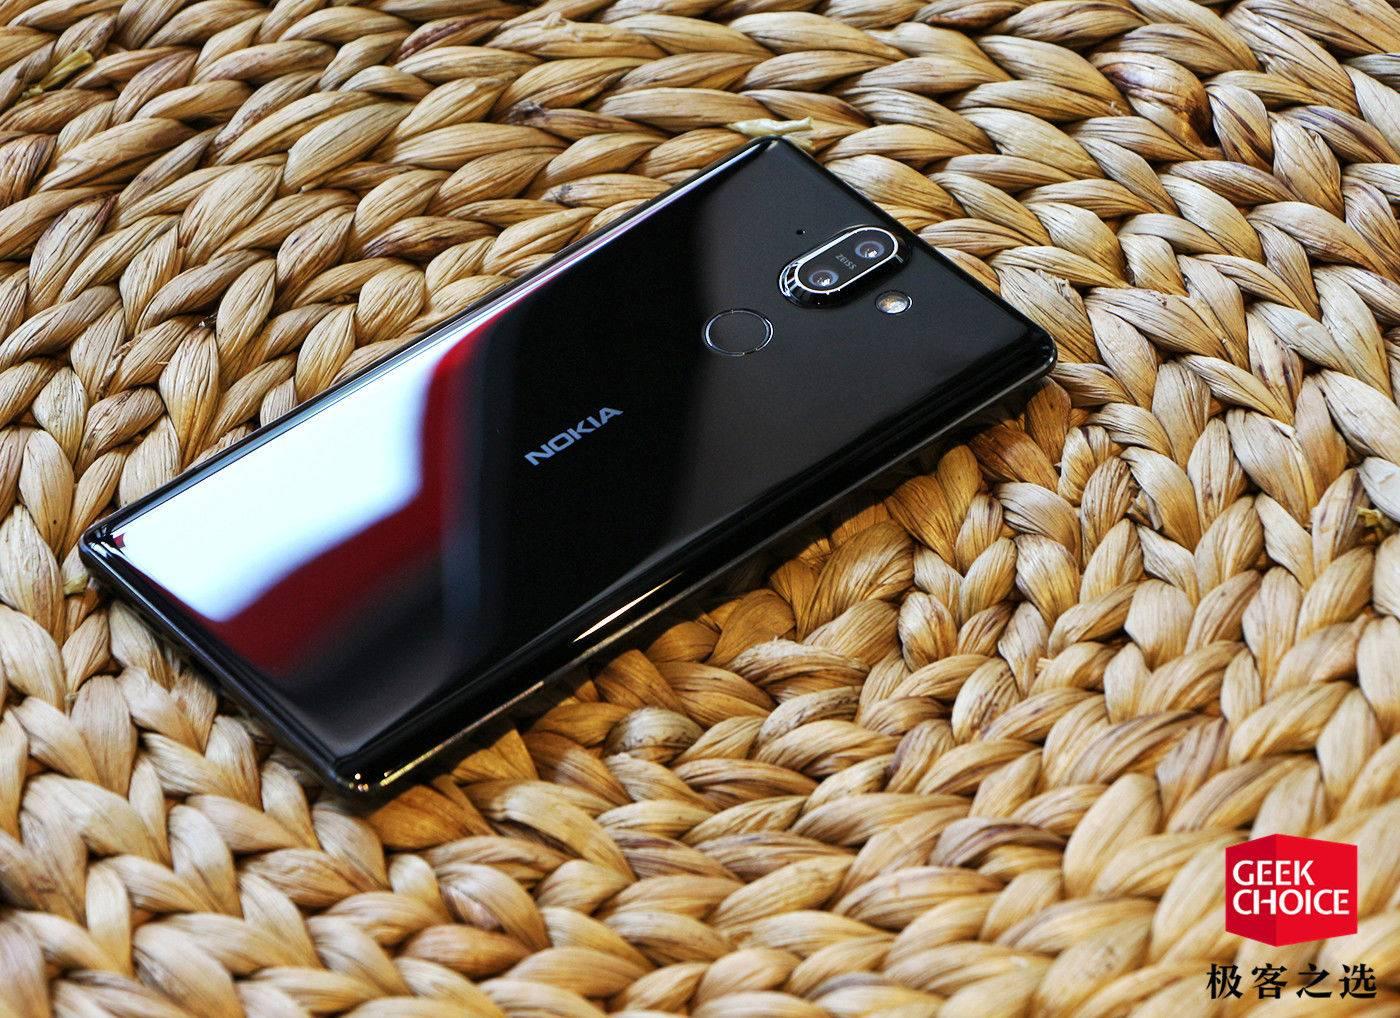 """新 Nokia 的第一部""""真旗舰"""",Nokia 8 Sirocco 上手评测"""